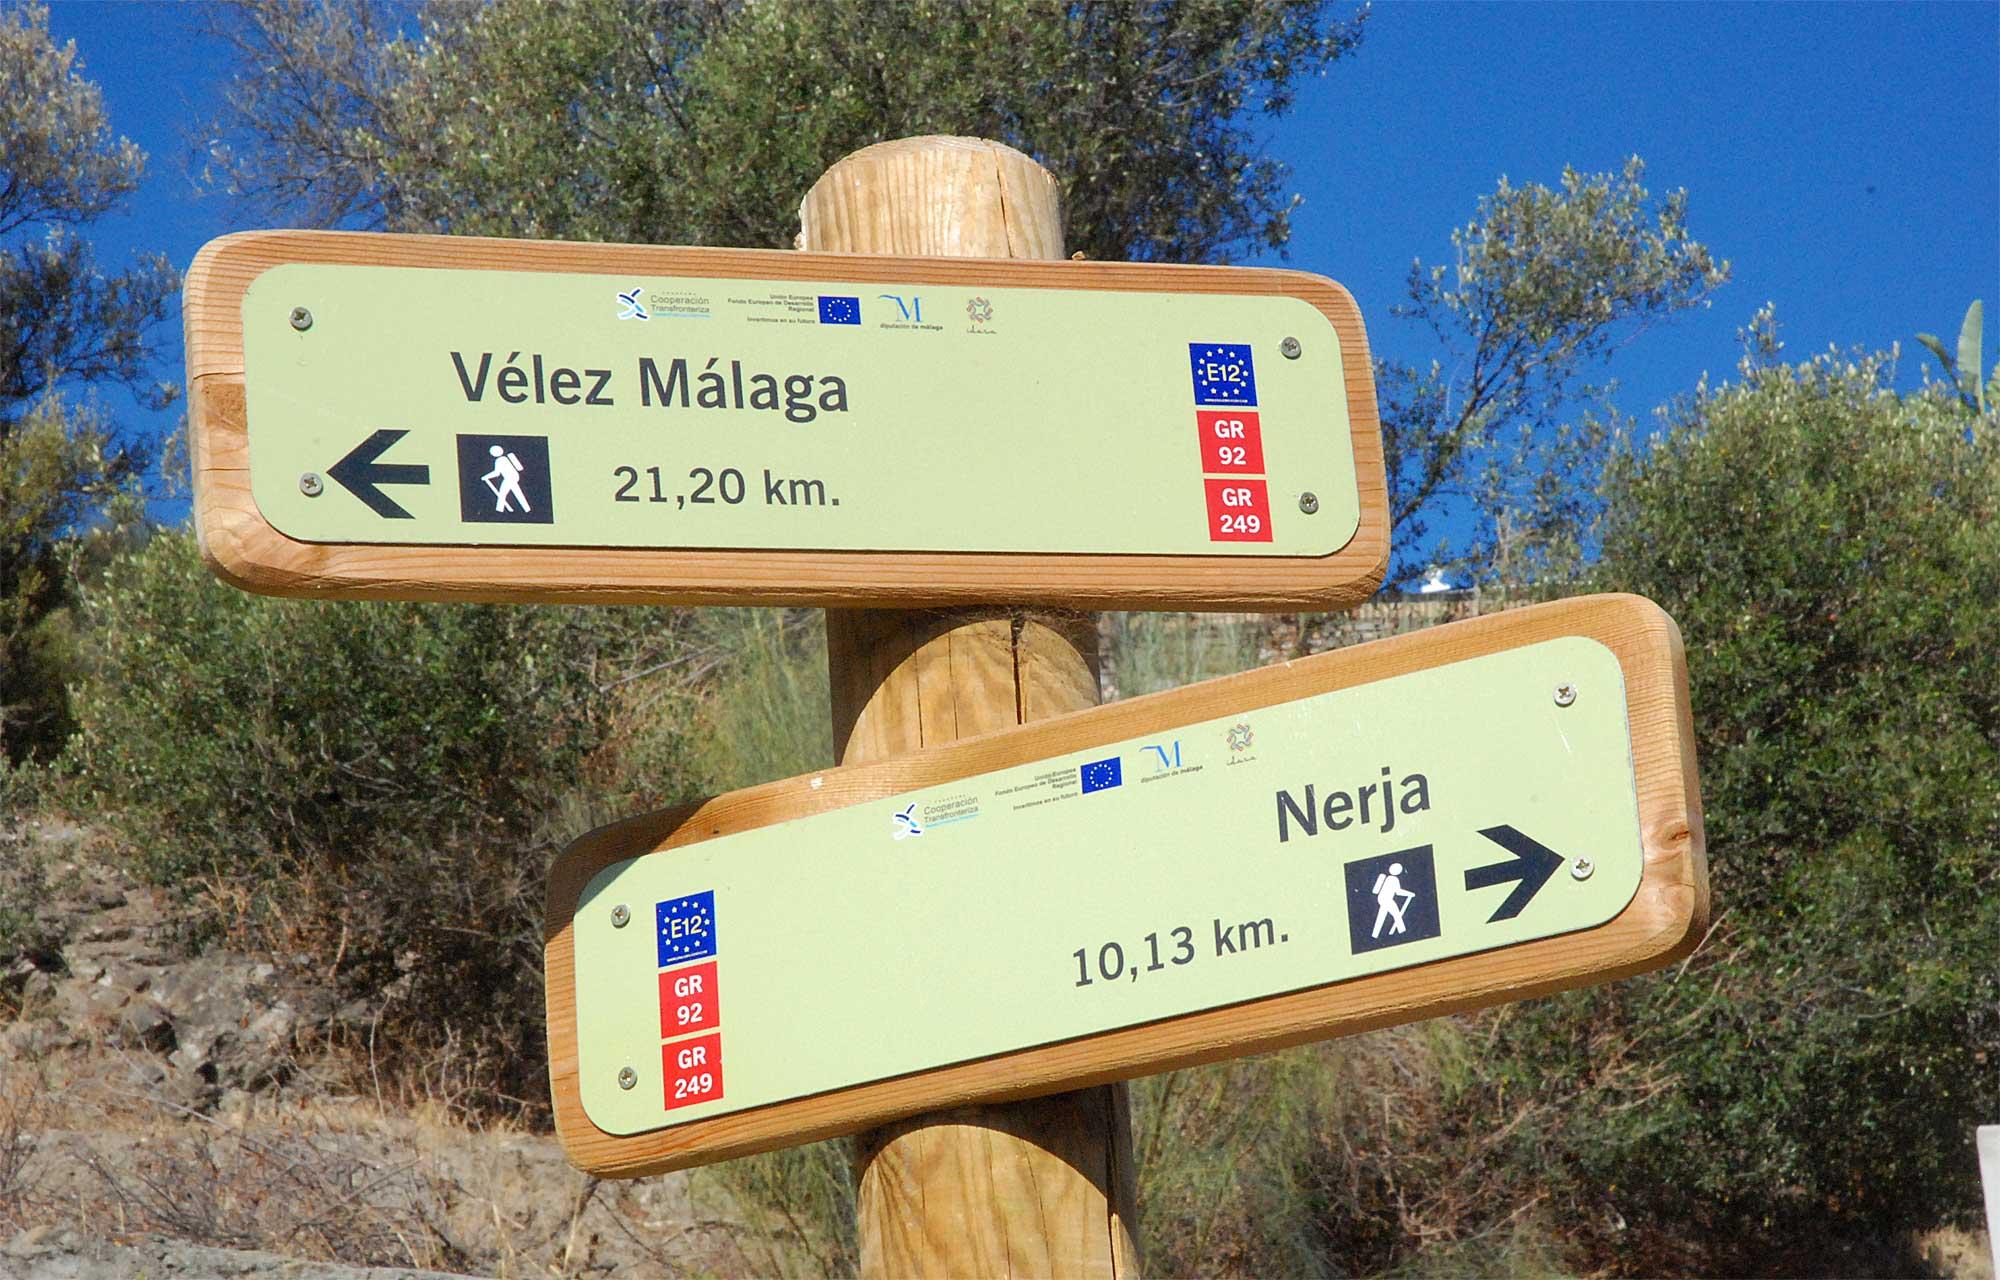 Wandelroute GR-249 Sierra de Grazalema